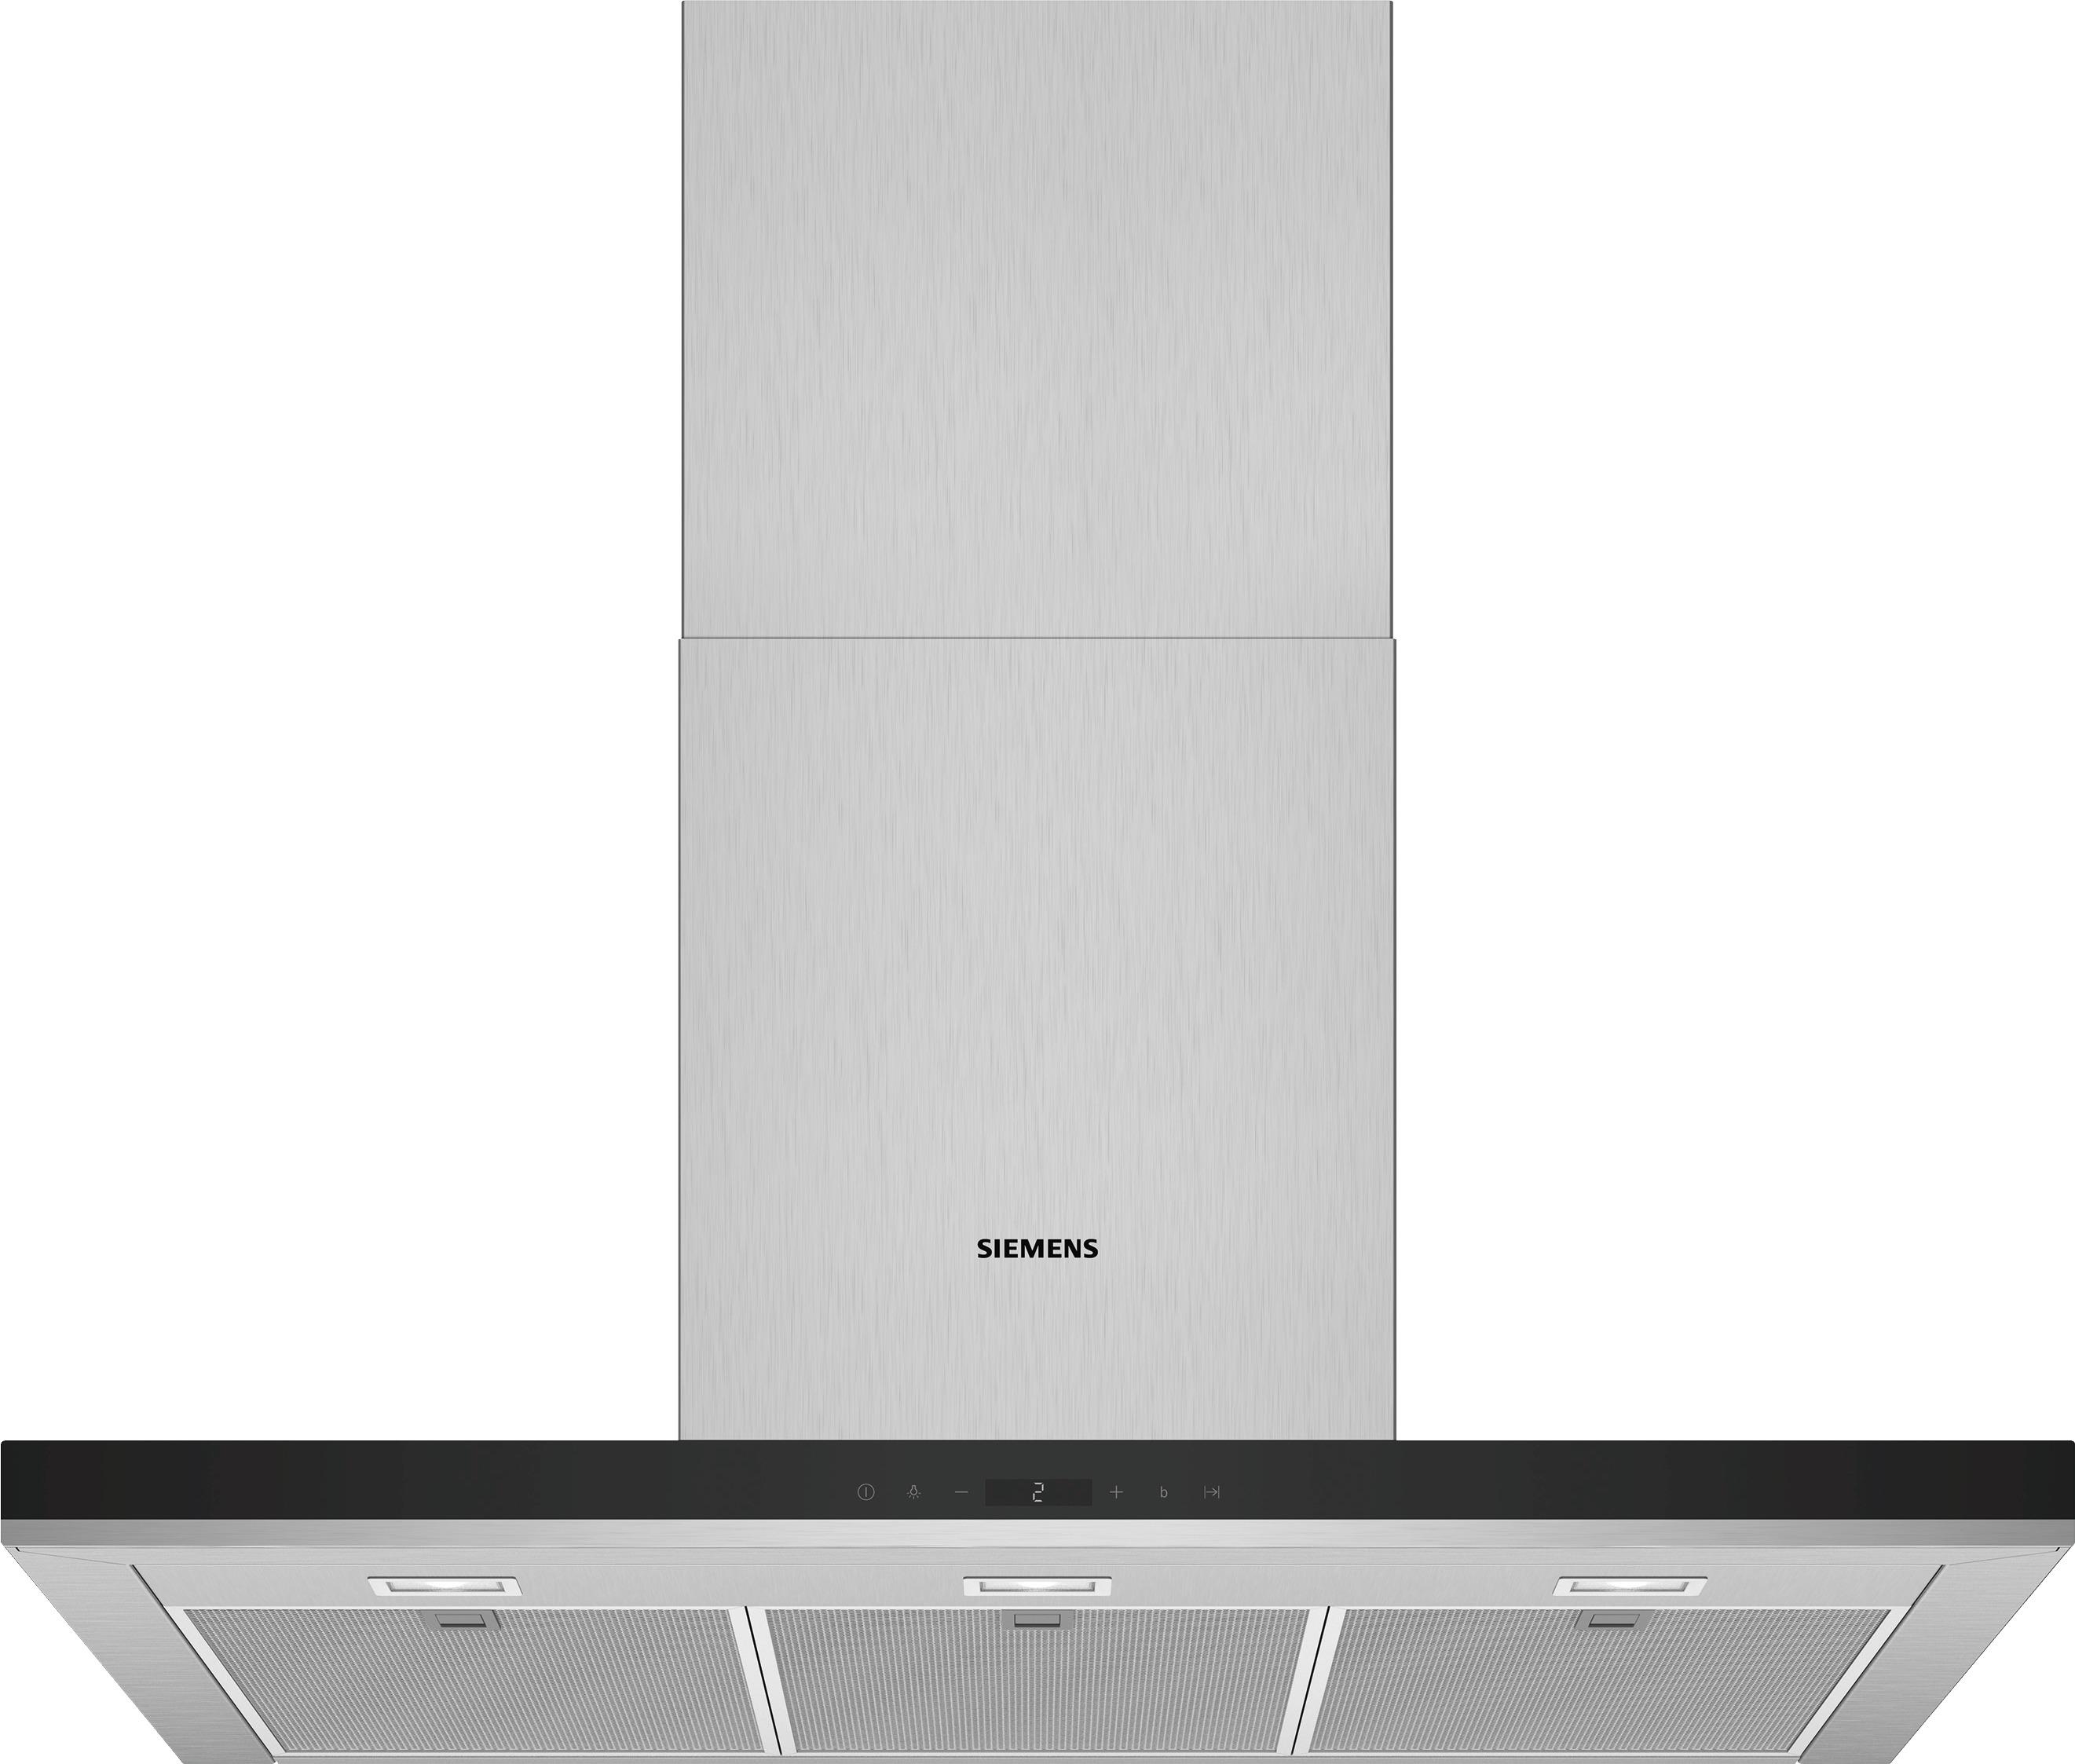 Siemens LC97BHP50 Schouwkap Zilver